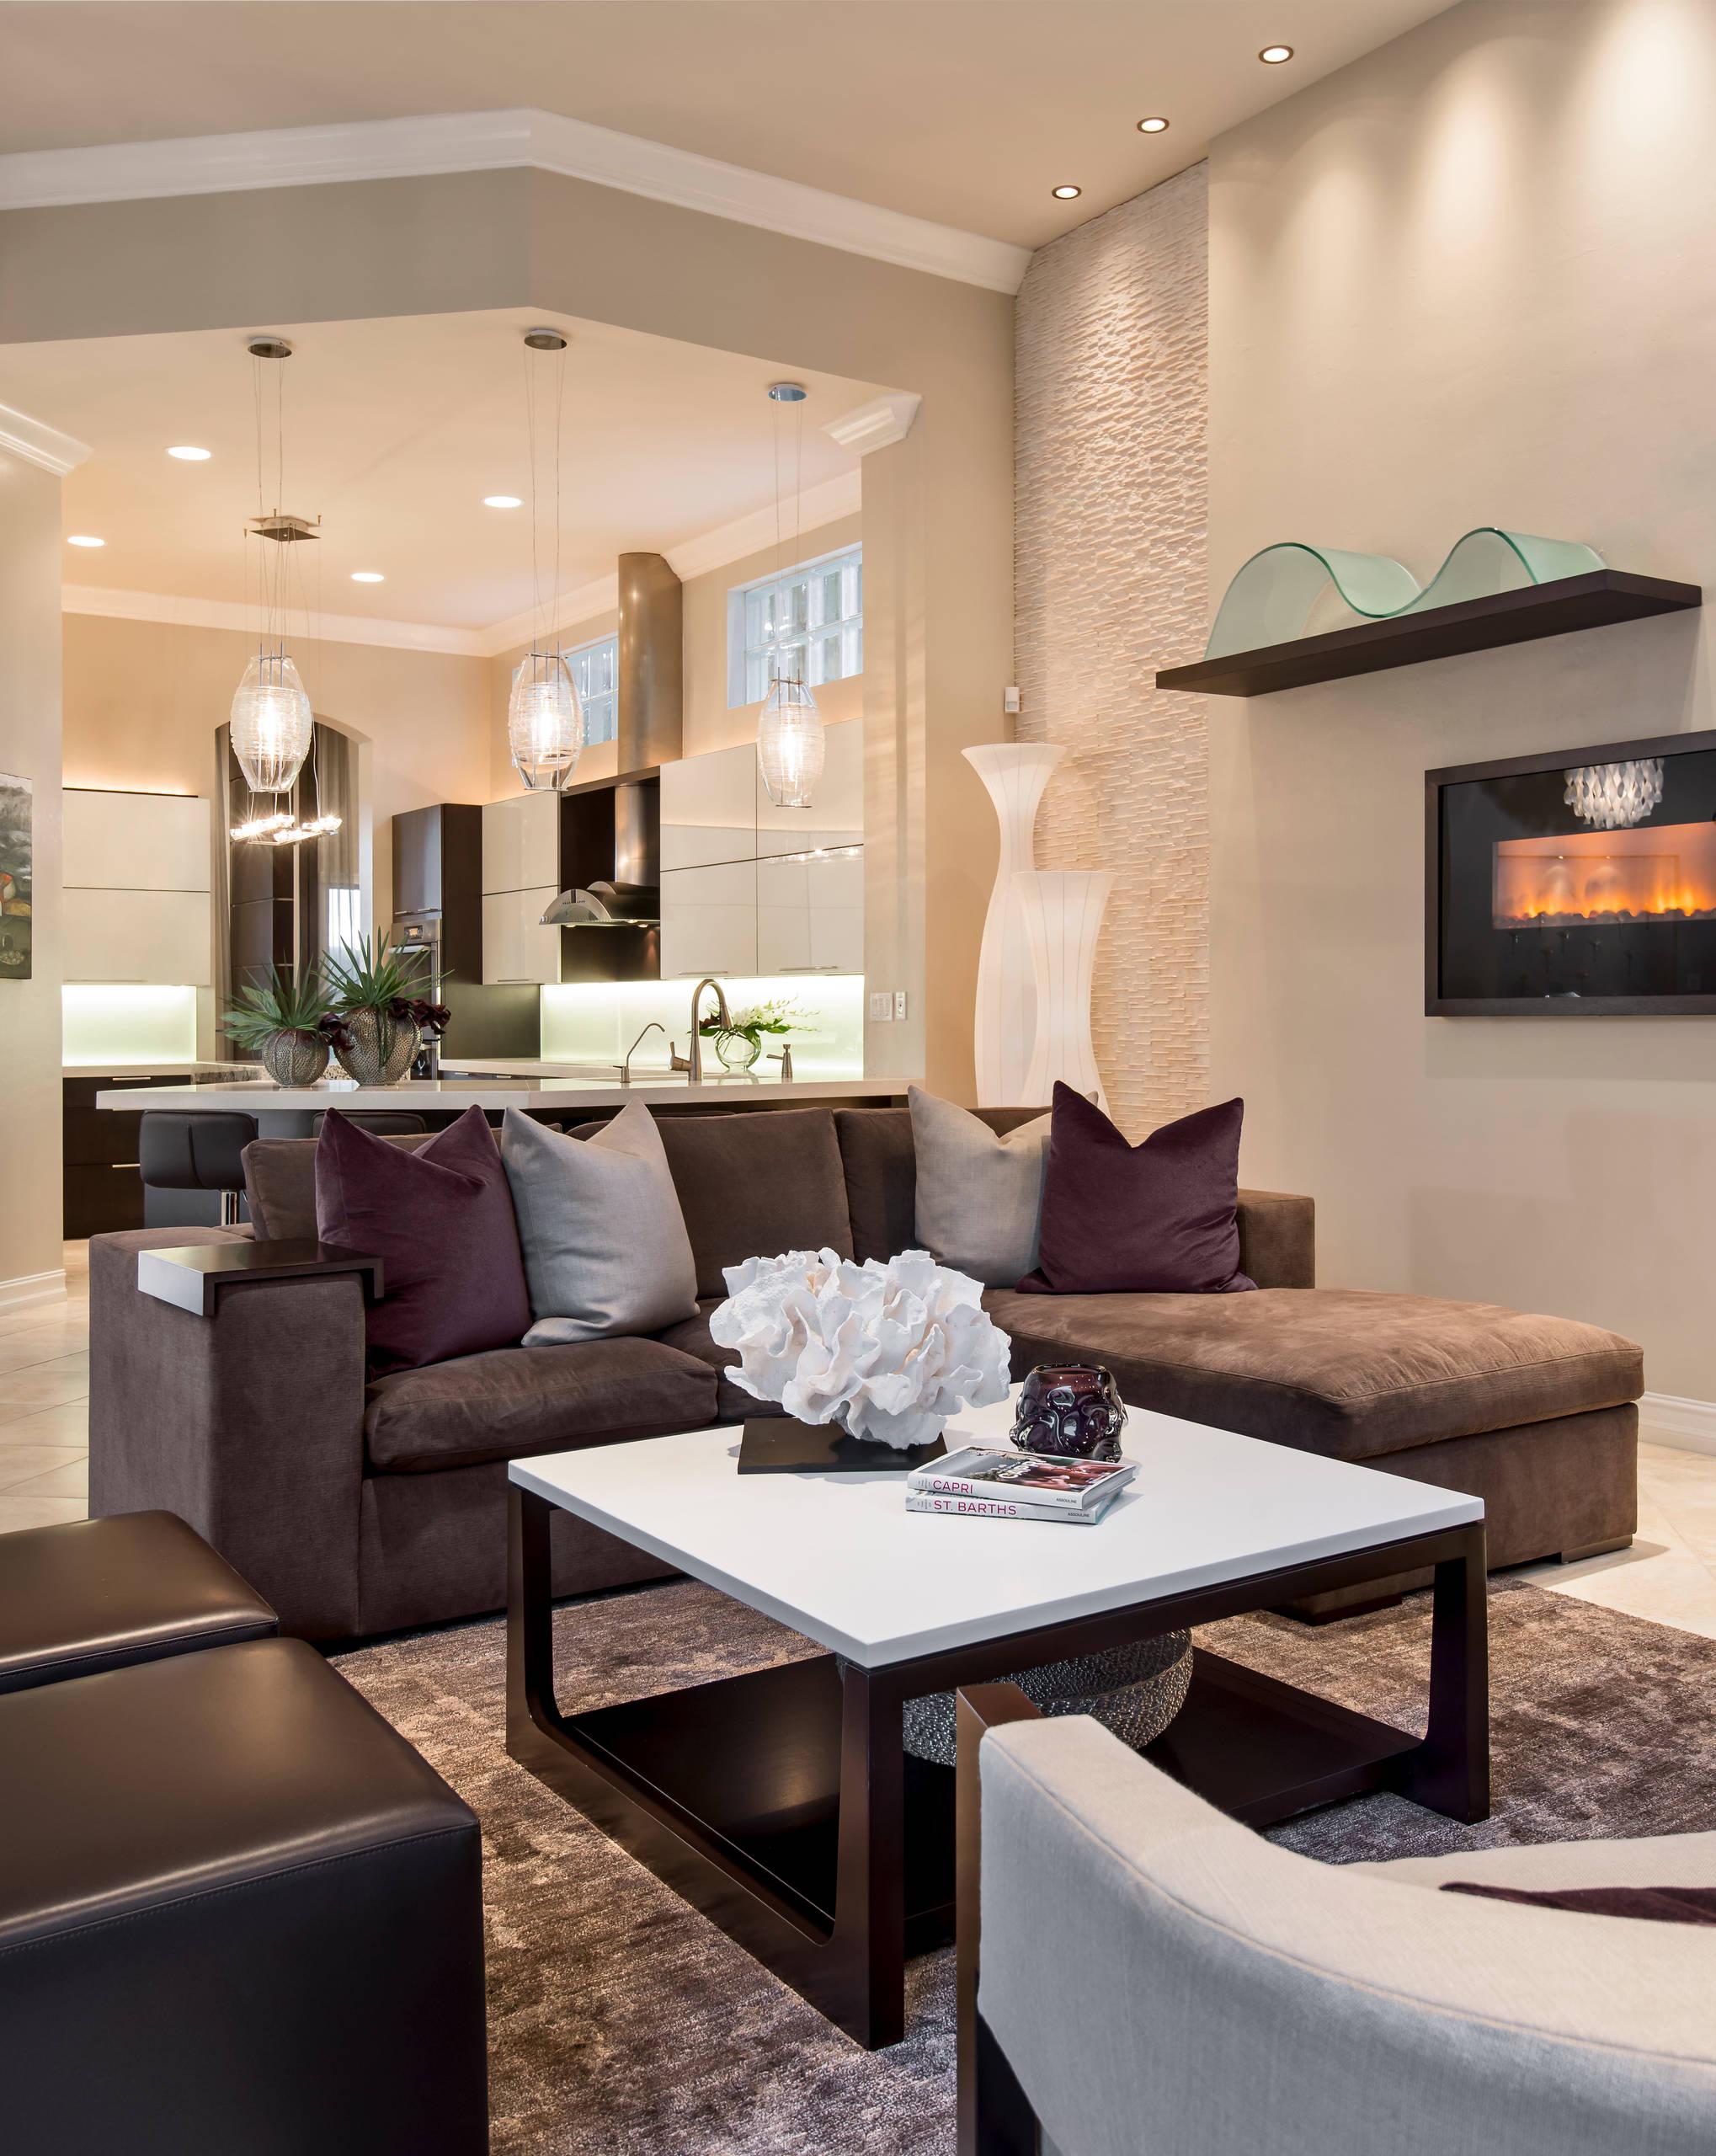 19x19 Living Room Ideas Photos Houzz